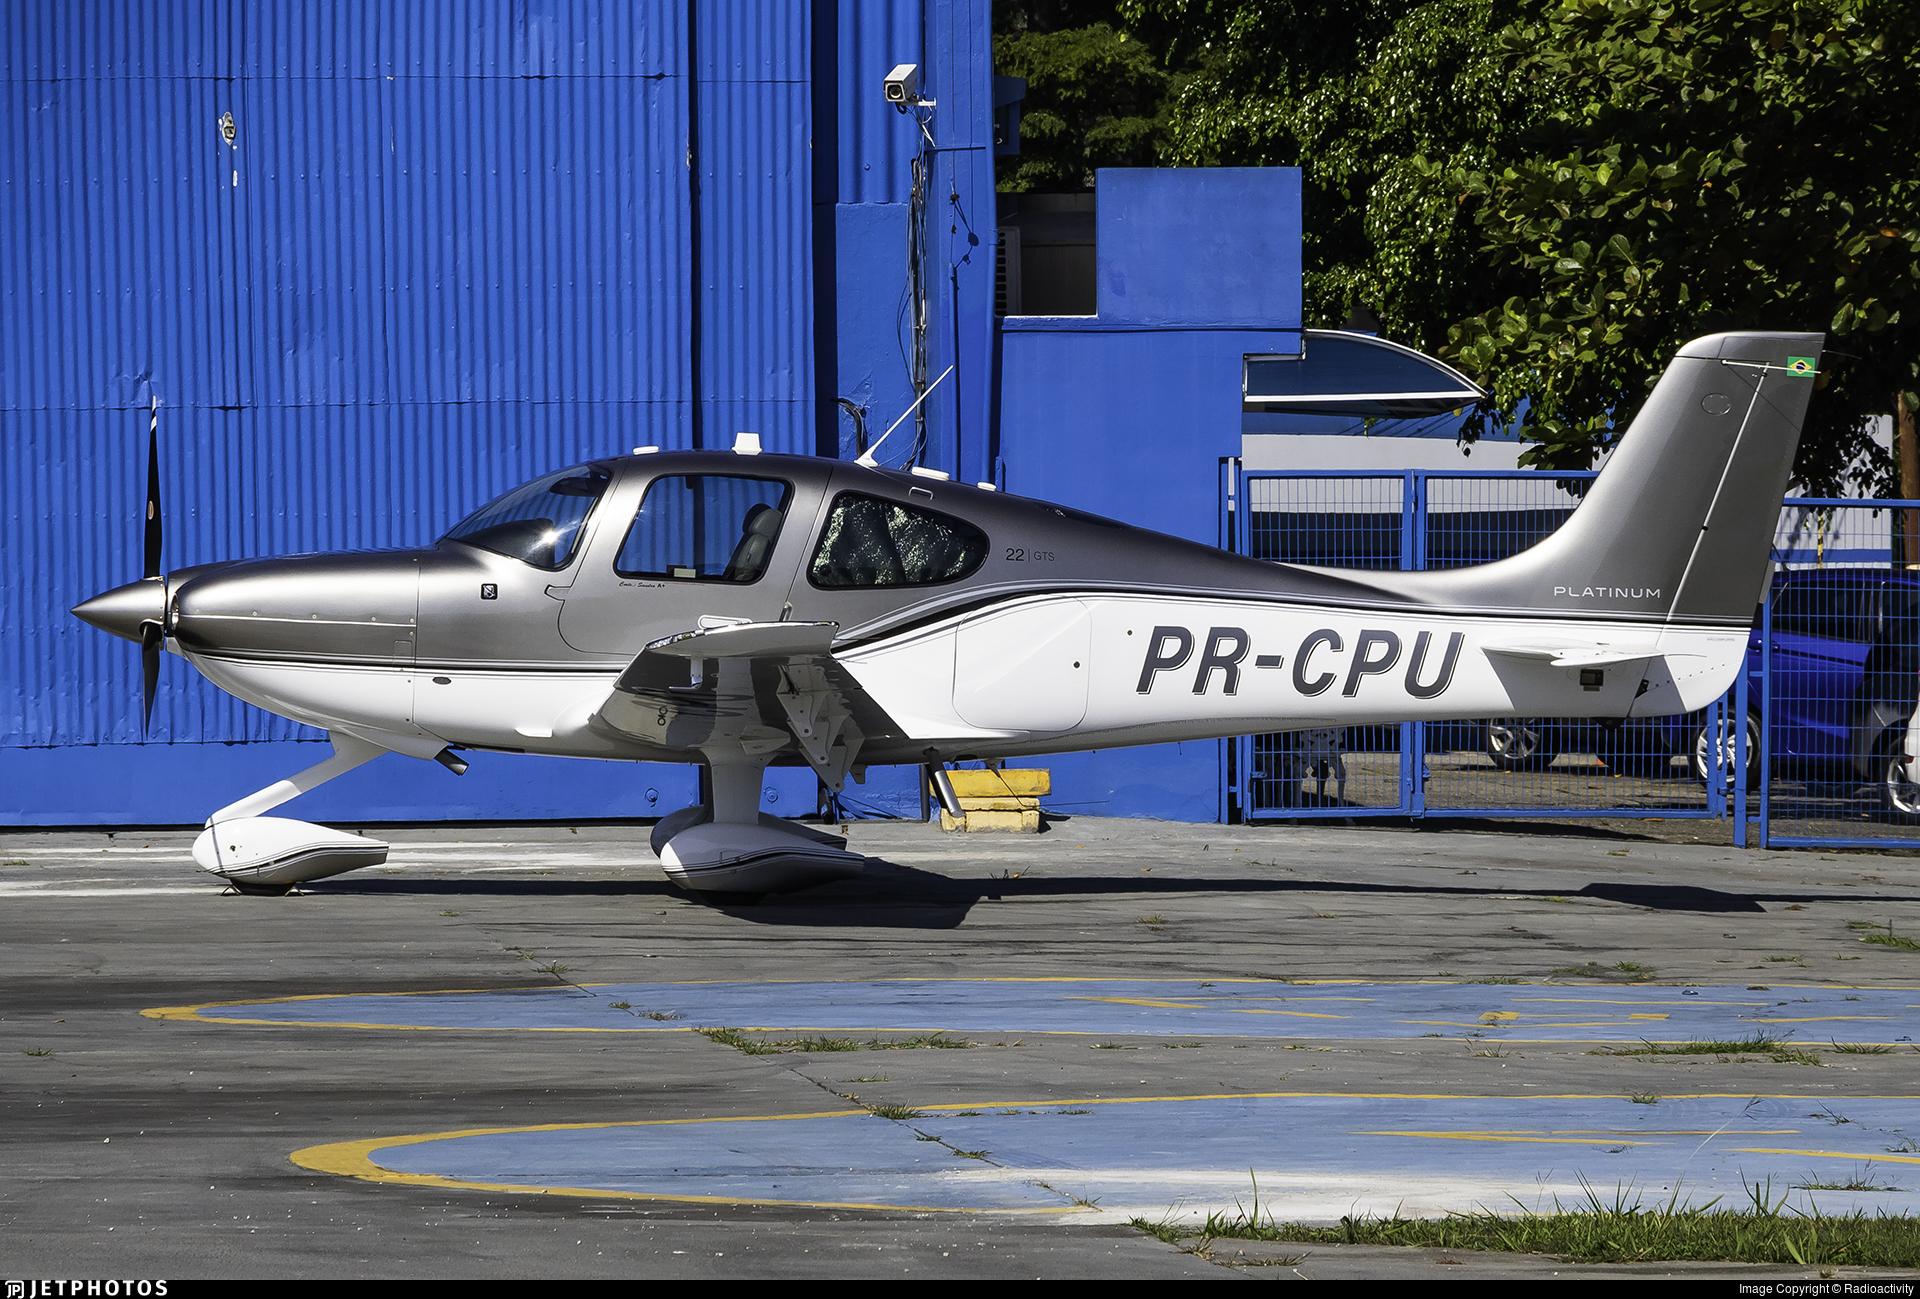 PR-CPU - Cirrus SR22-GTS G6 Platinum - Private